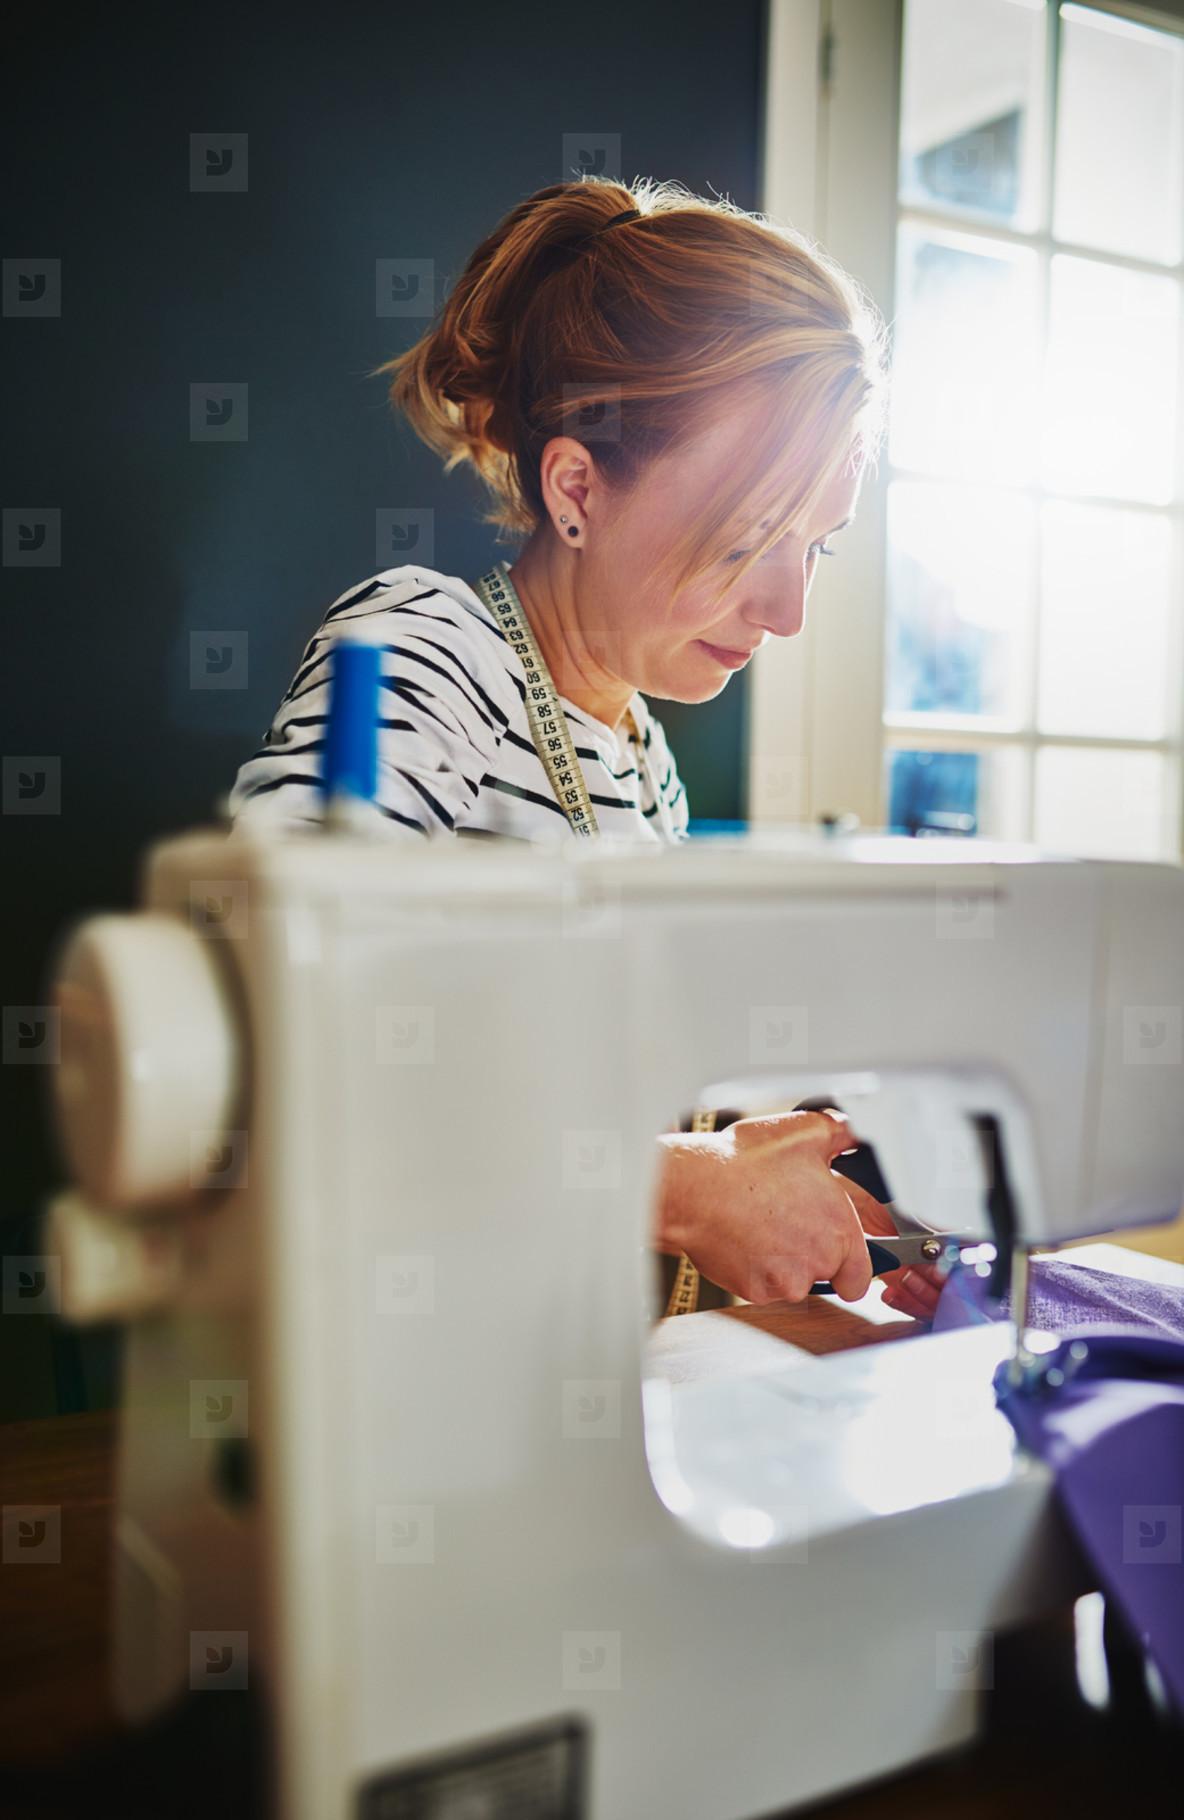 Fashion designer sewing